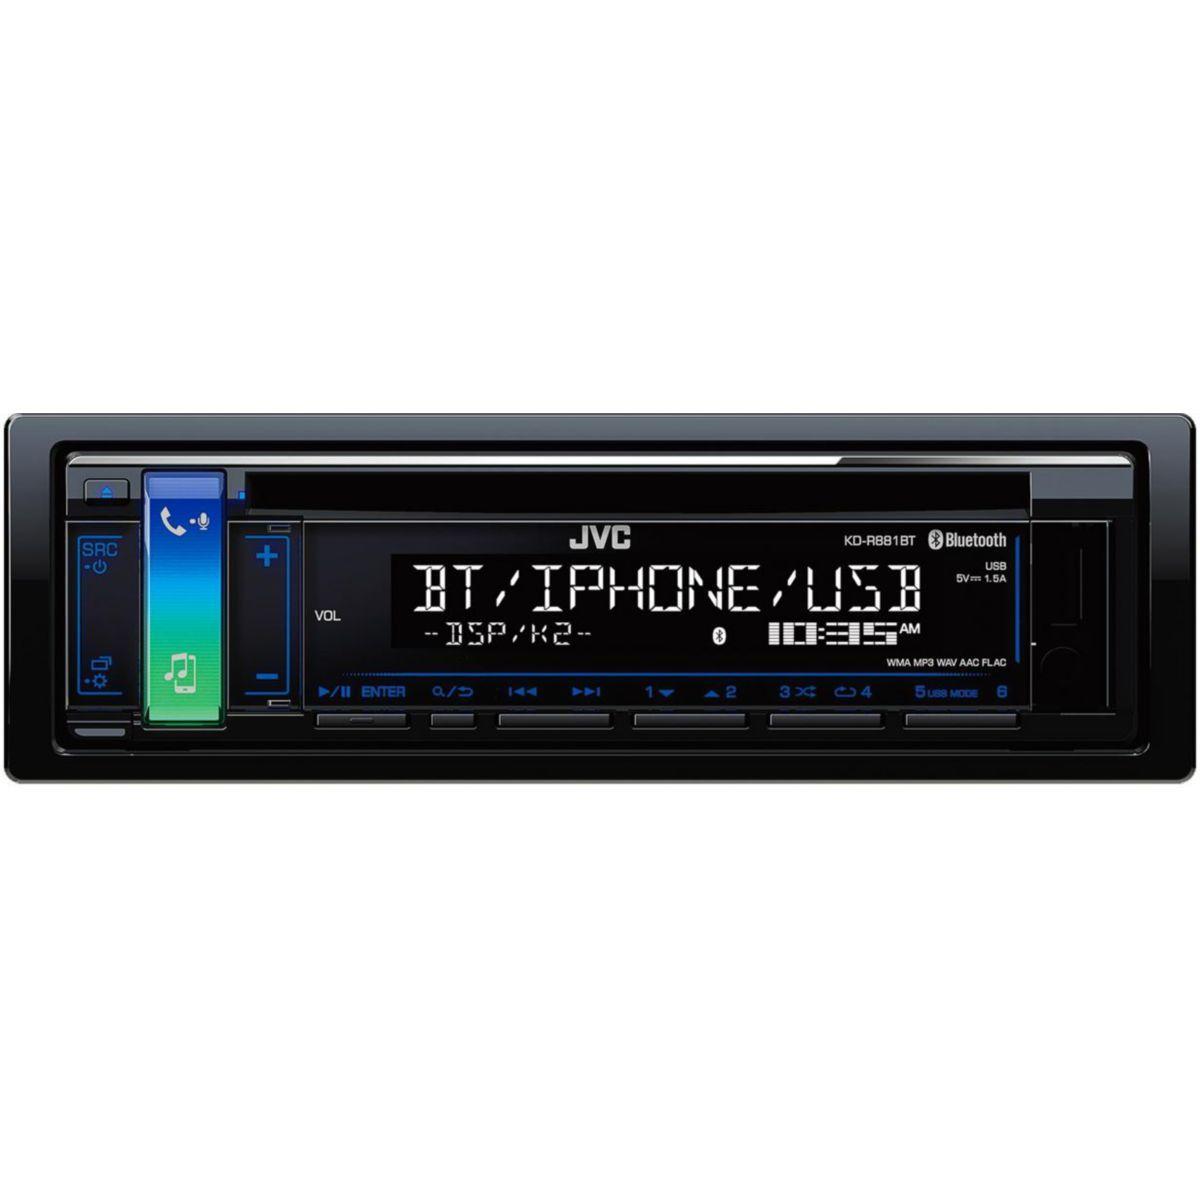 Autoradio cd jvc kd-r881 bt - 2% de remise imm�diate avec le code : green2